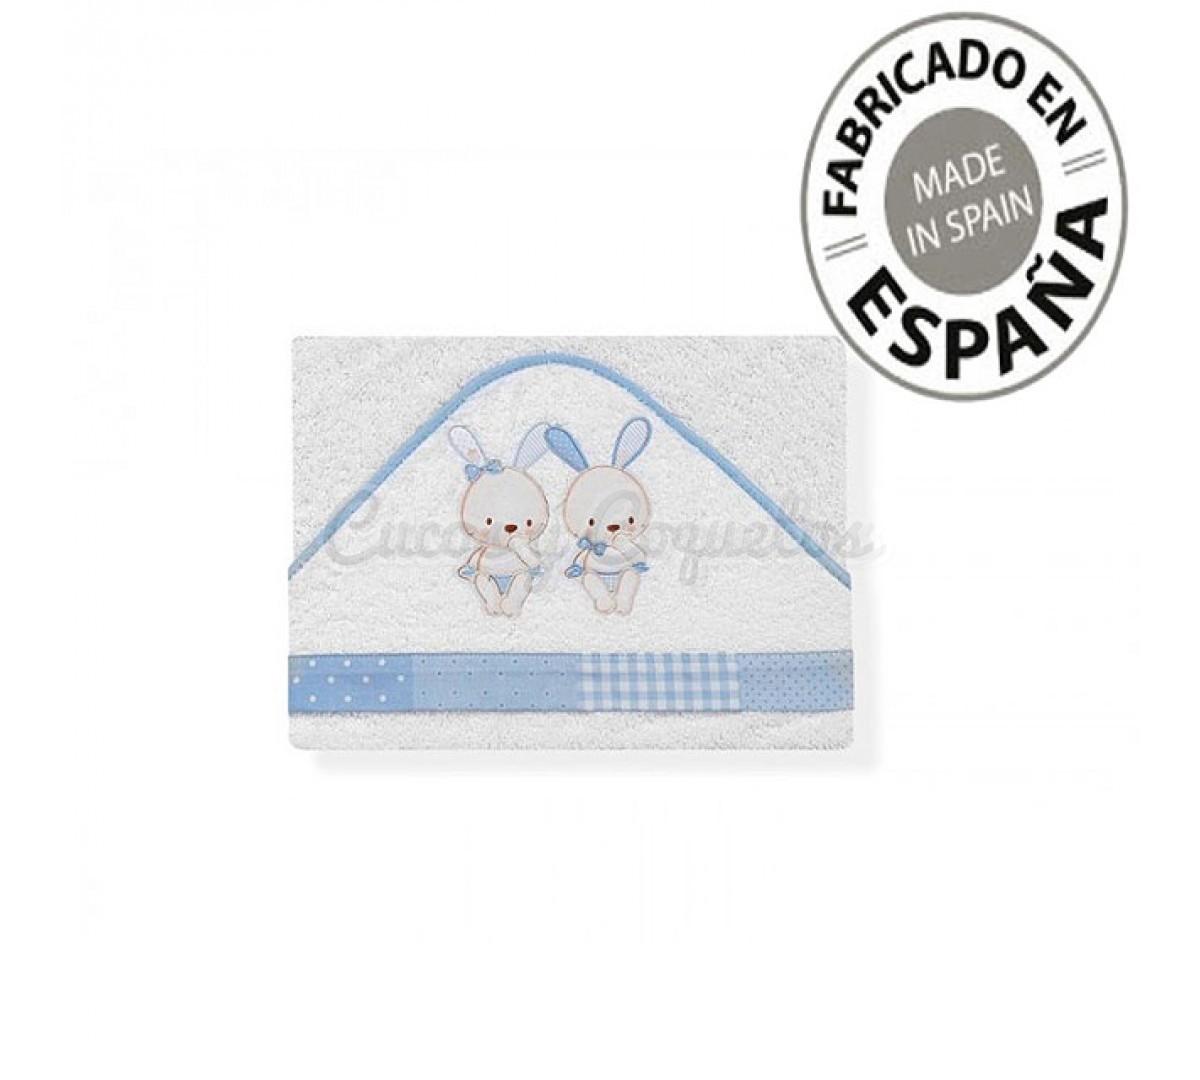 Baño Infantil Mustela:CAPA BAÑO CONEJITOS